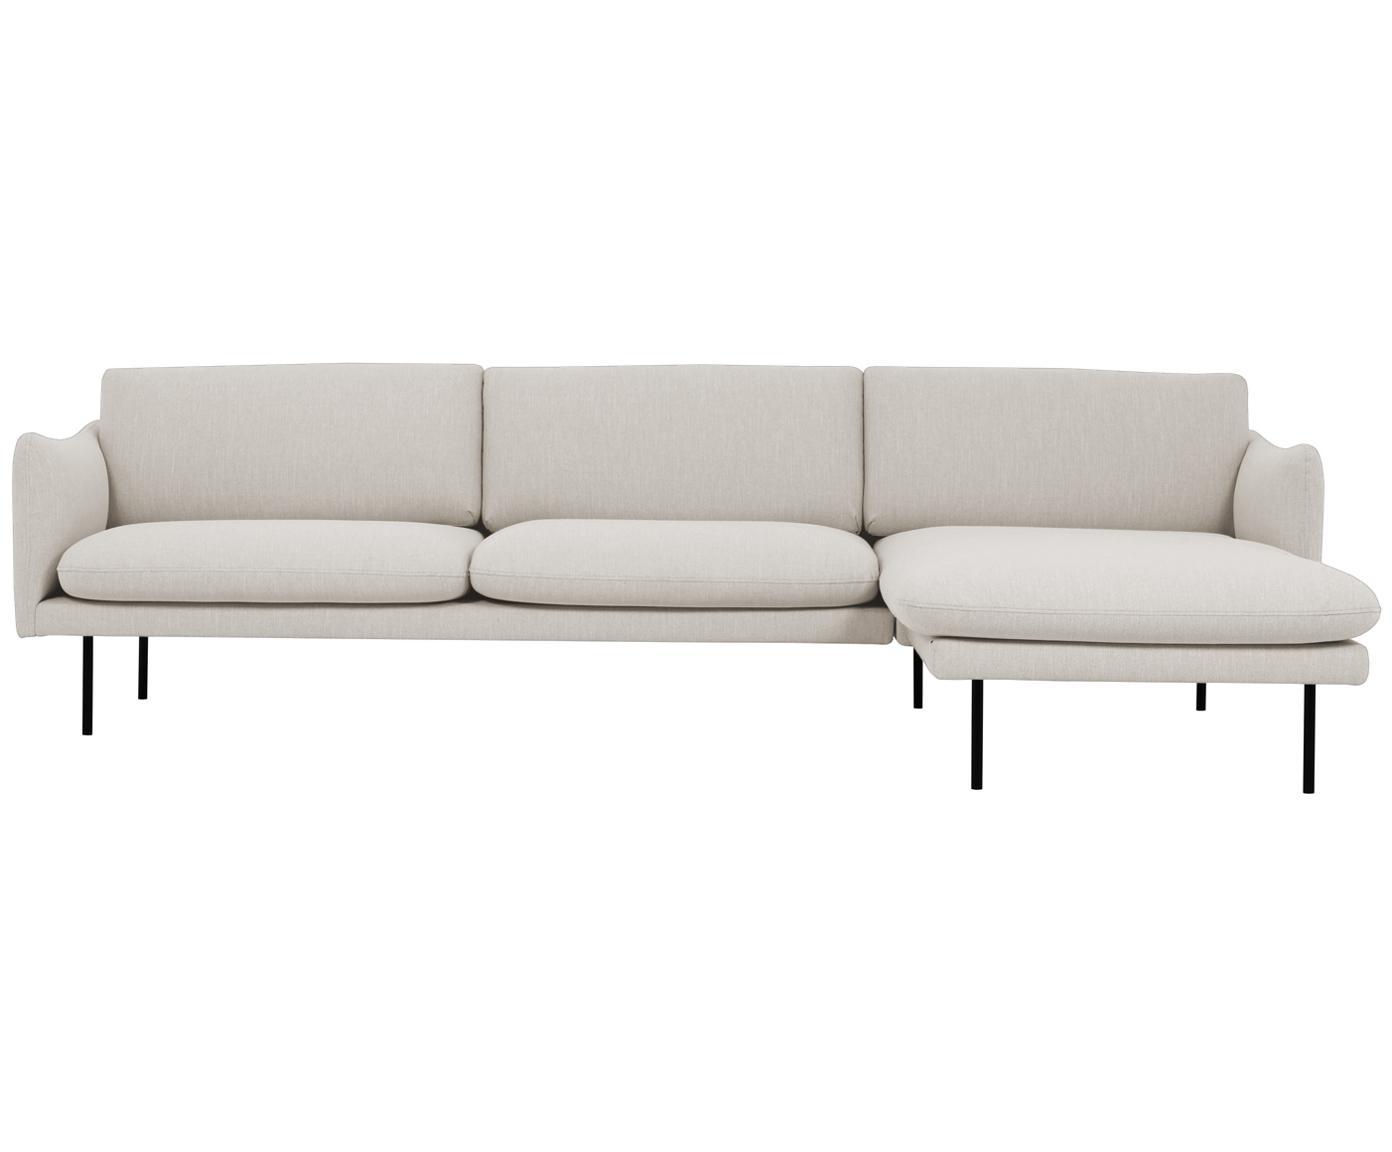 Ecksofa Moby, Bezug: Polyester 60.000 Scheuert, Gestell: Massives Kiefernholz, Webstoff Beige, B 280 x T 160 cm